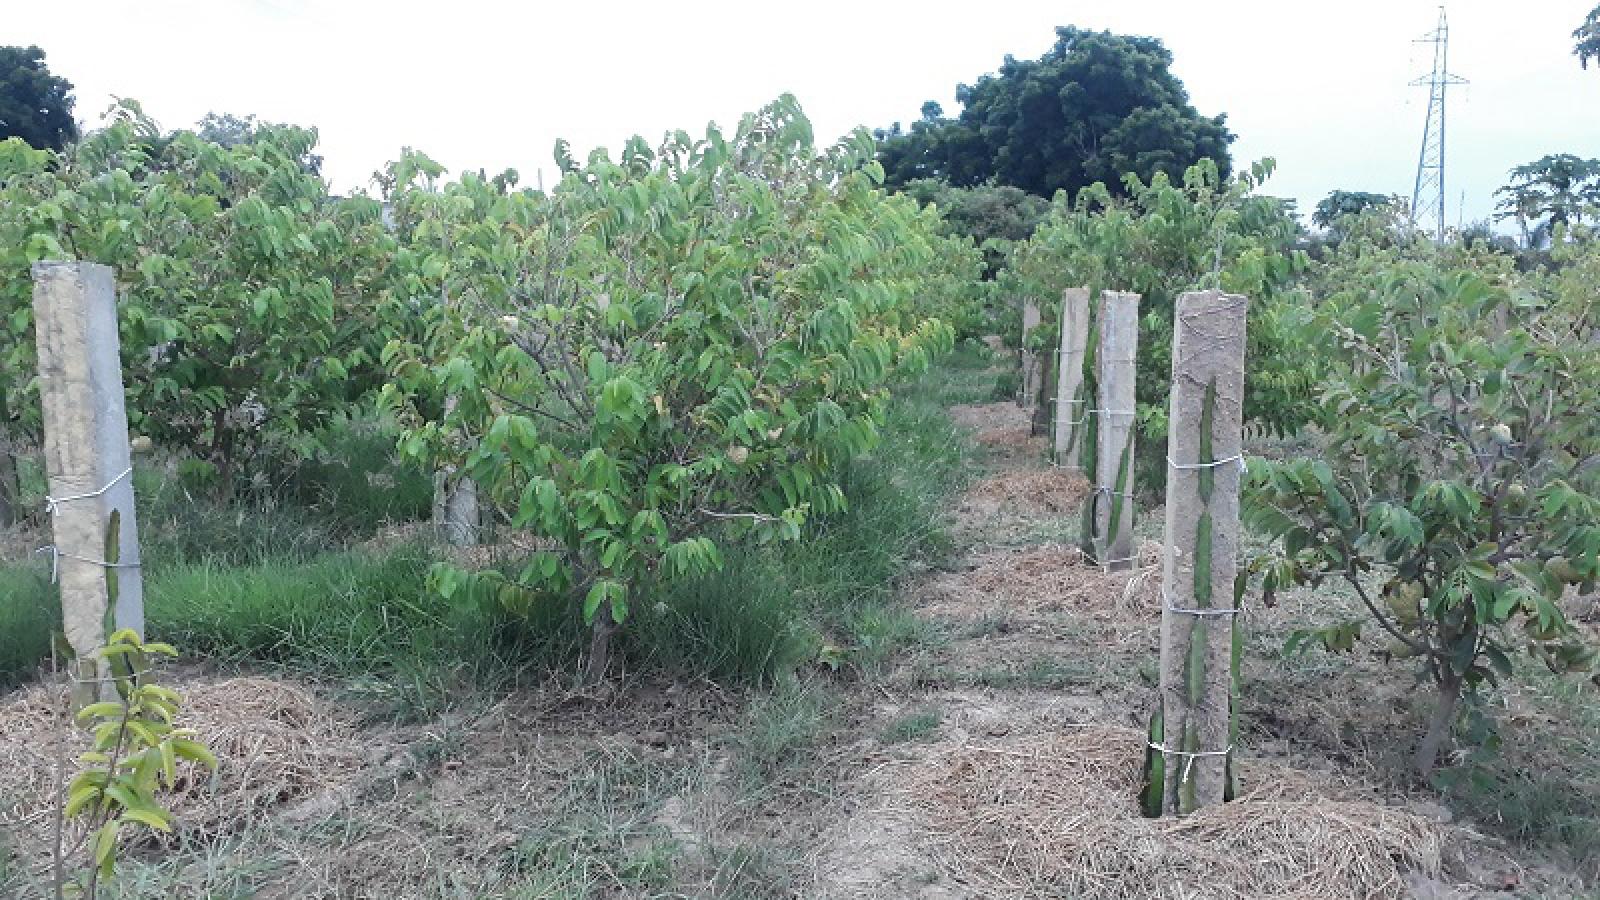 Chuyển đổi cơ cấu cây trồng giúp người dân thu tiền triệu mỗi tháng